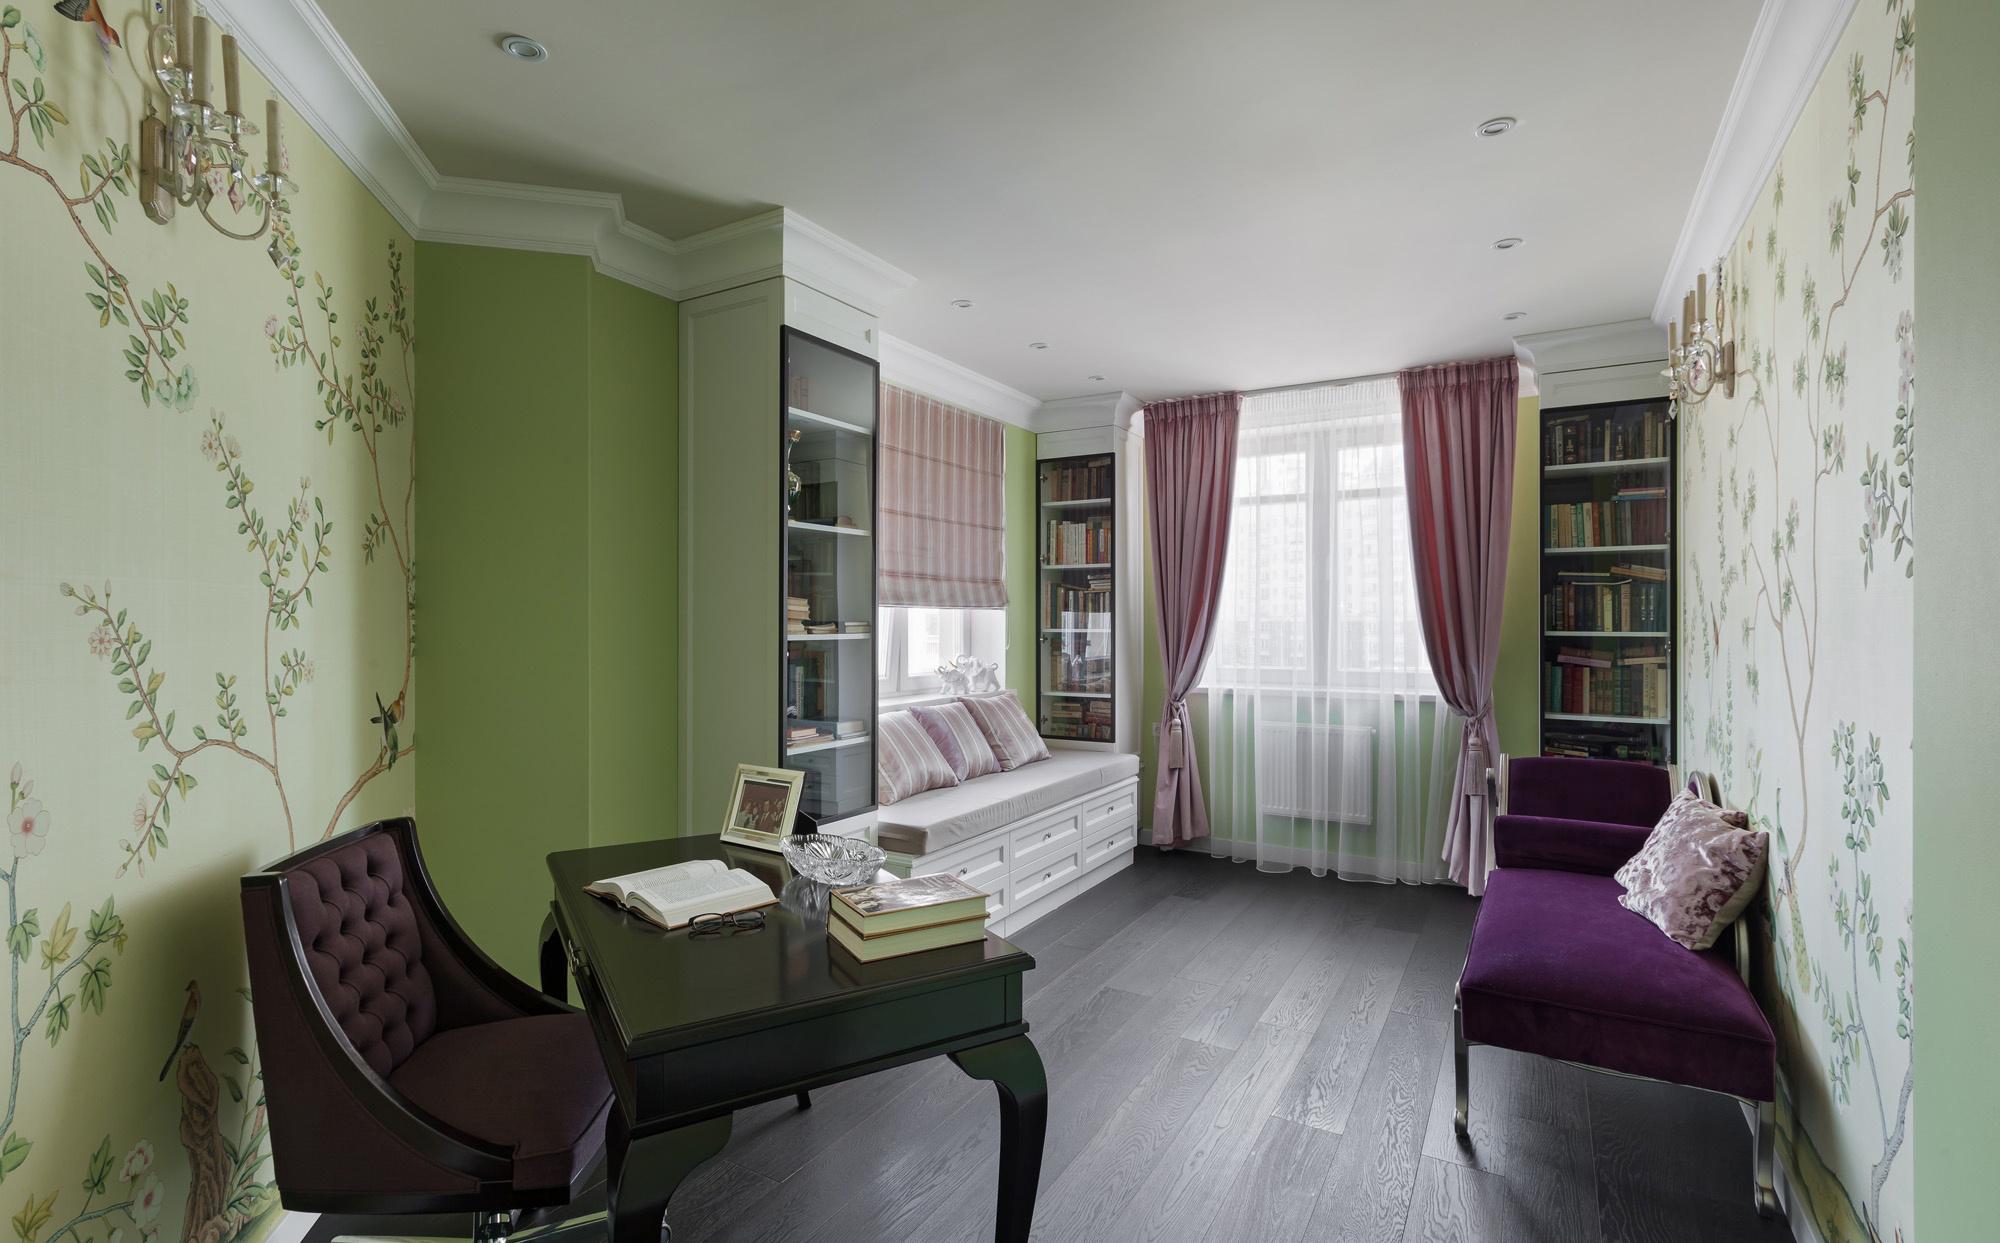 Большой кабинет с местом для отдыха и библиотекой